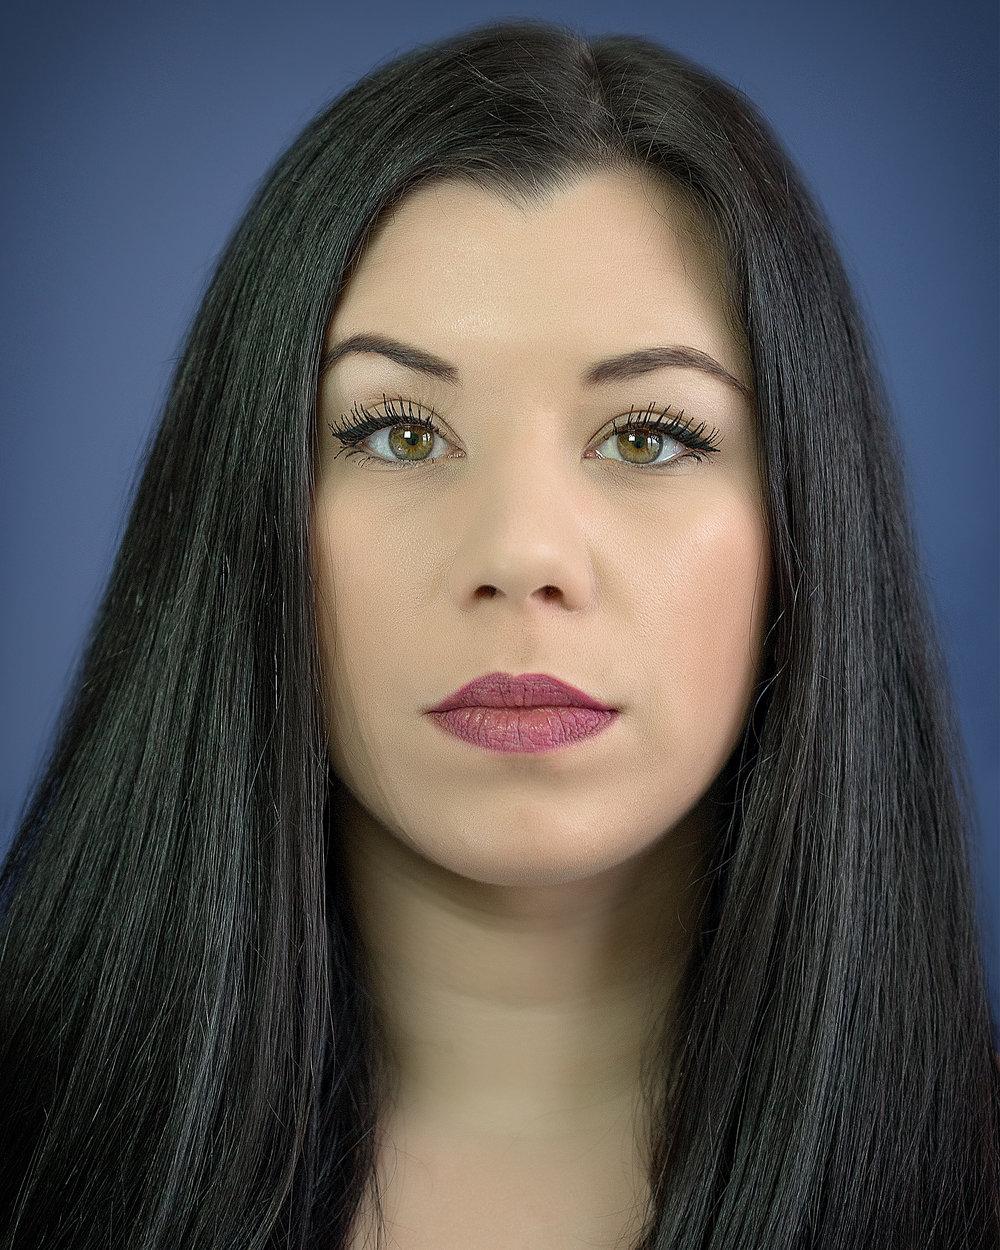 """<a href=""""http://iabstudentprofiles.com/emili-bizjak"""">Emili Bizjak</a>"""